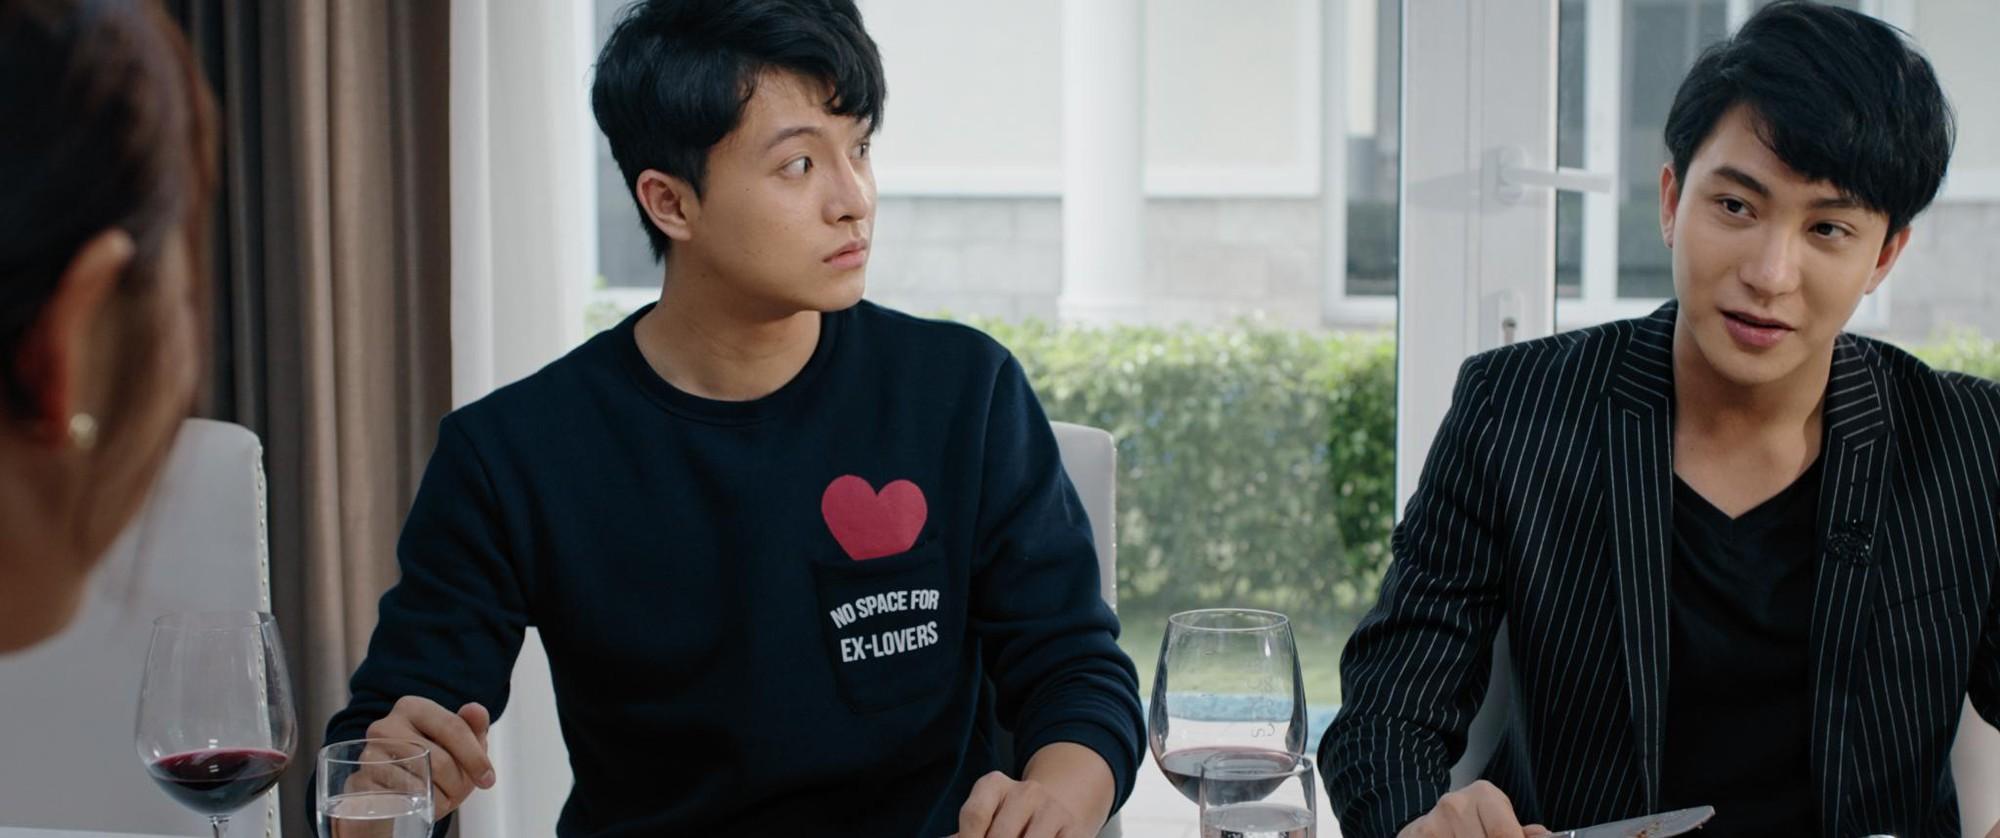 Harry Lu gây xúc động với vai diễn trở lại màn ảnh rộng sau tai nạn giao thông nghiêm trọng - Ảnh 4.